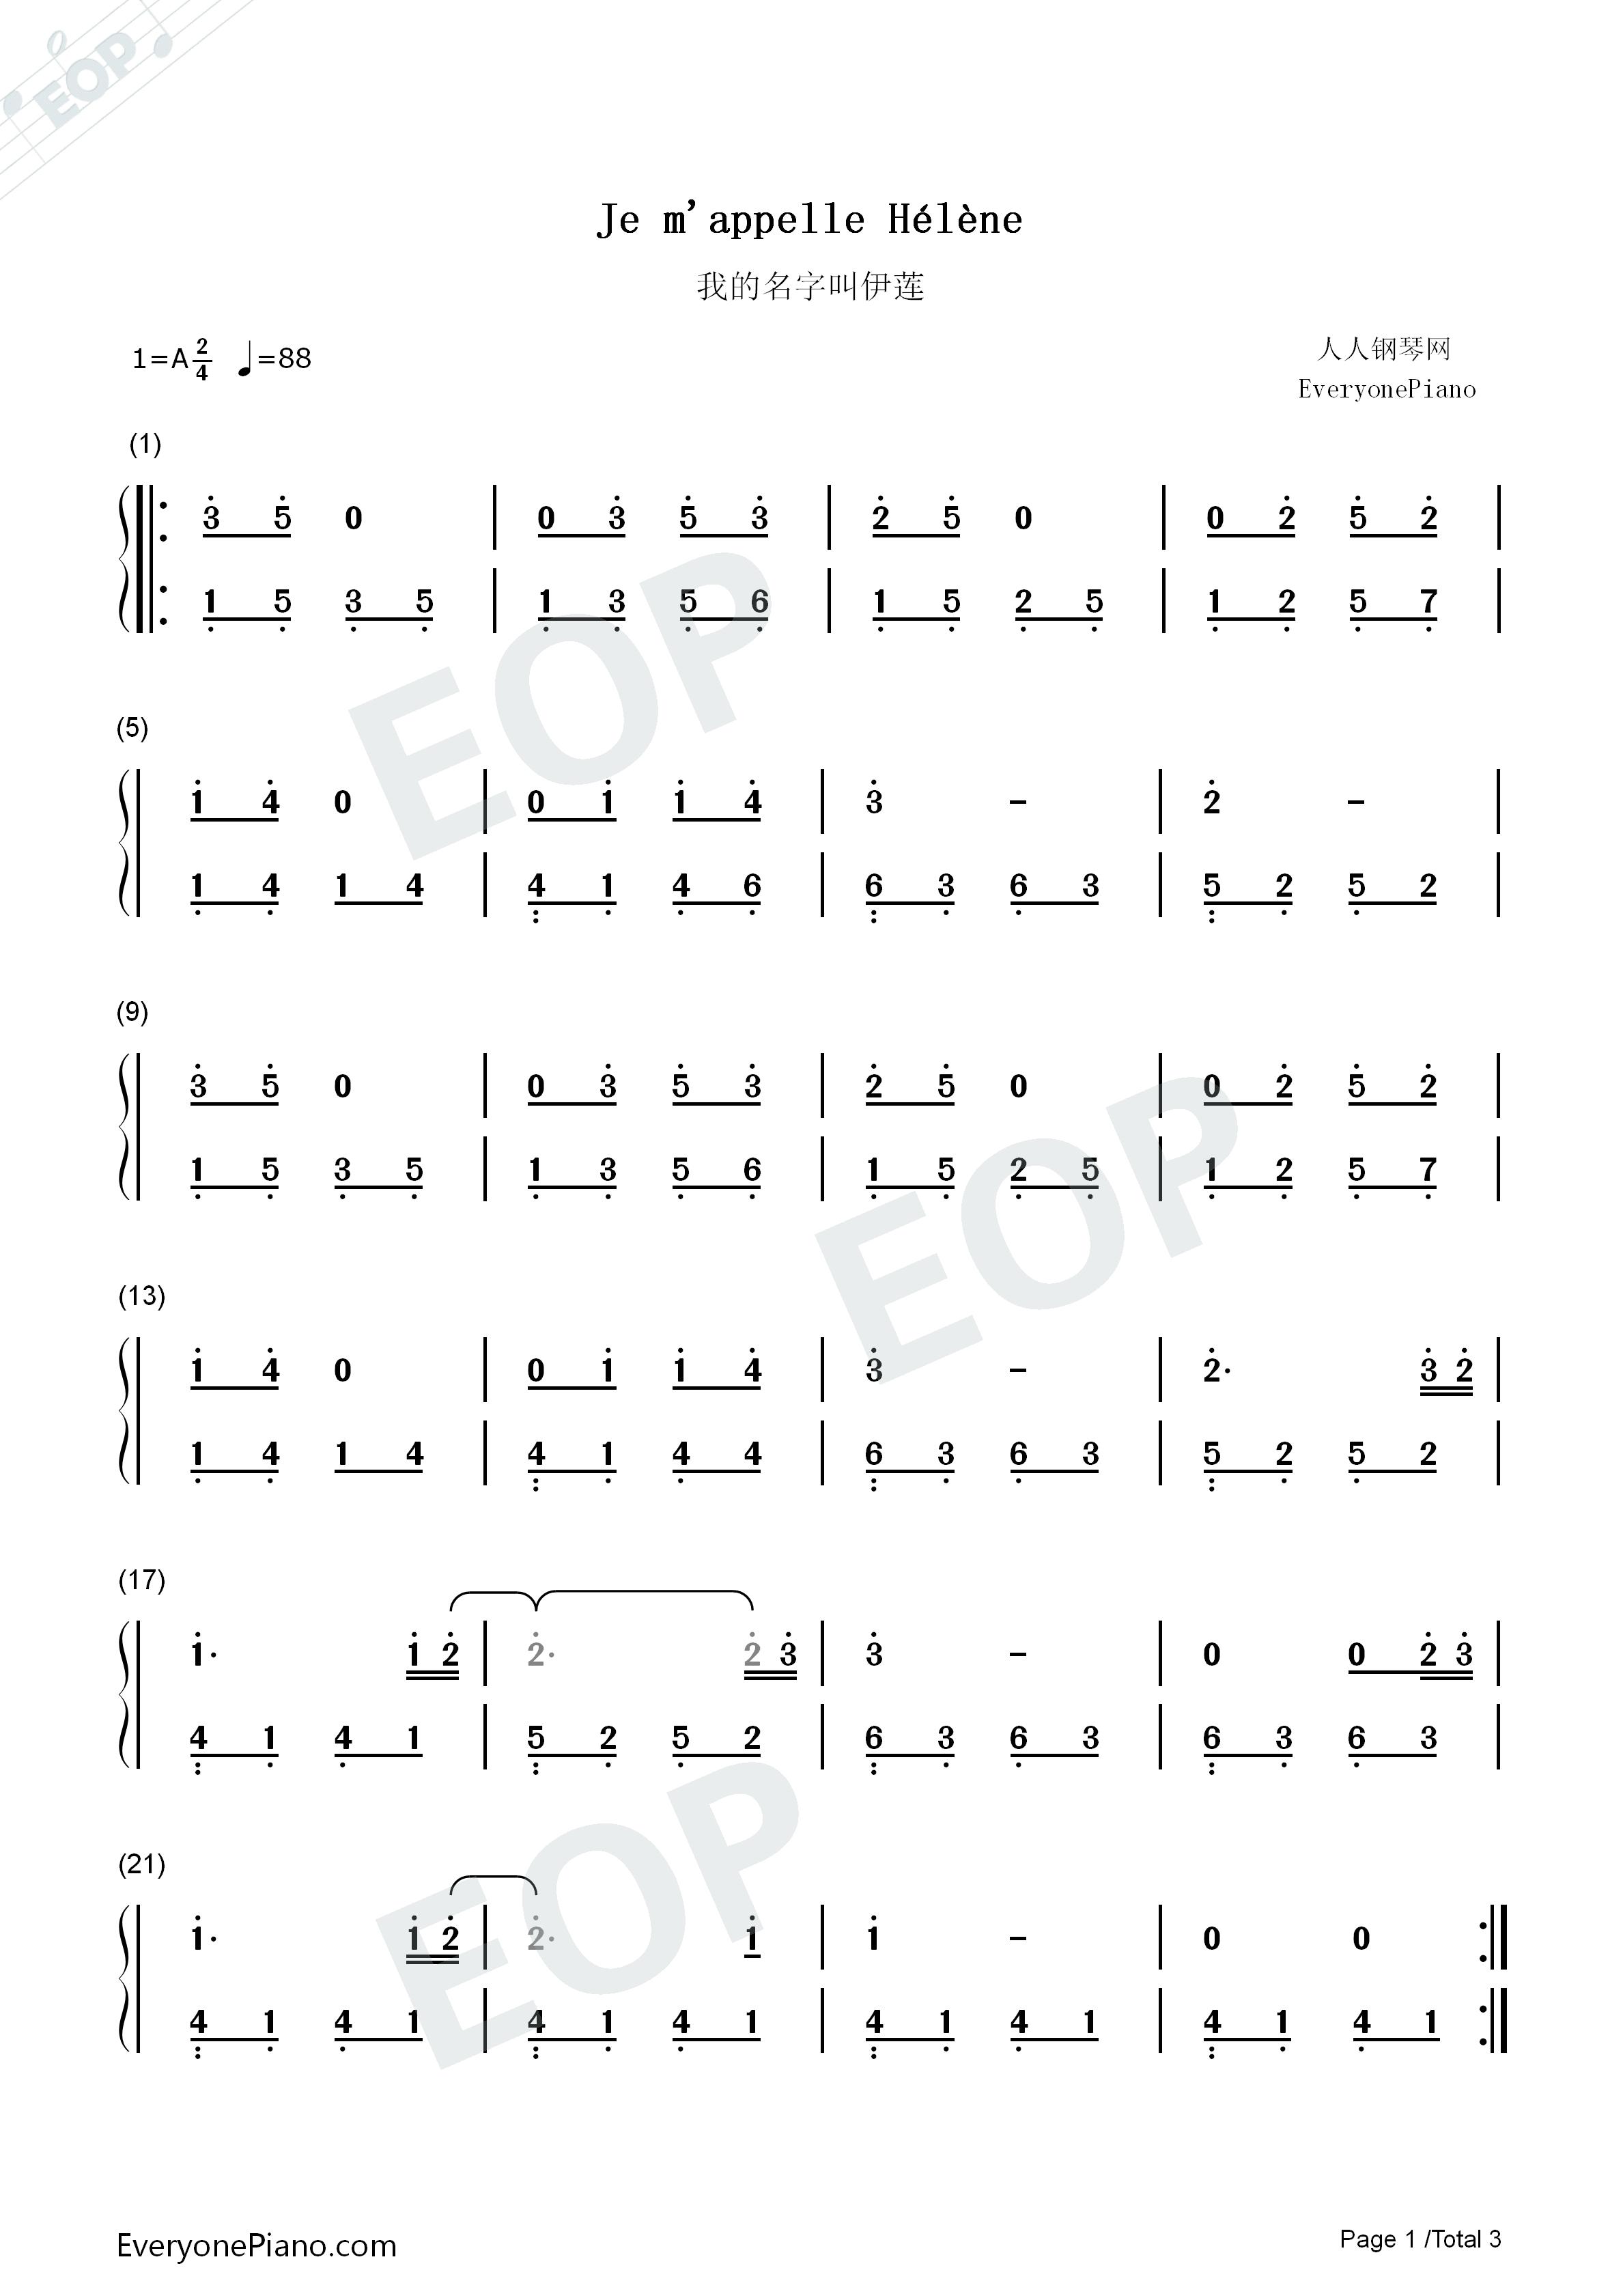 简谱上的1在钢琴的哪个位置图片